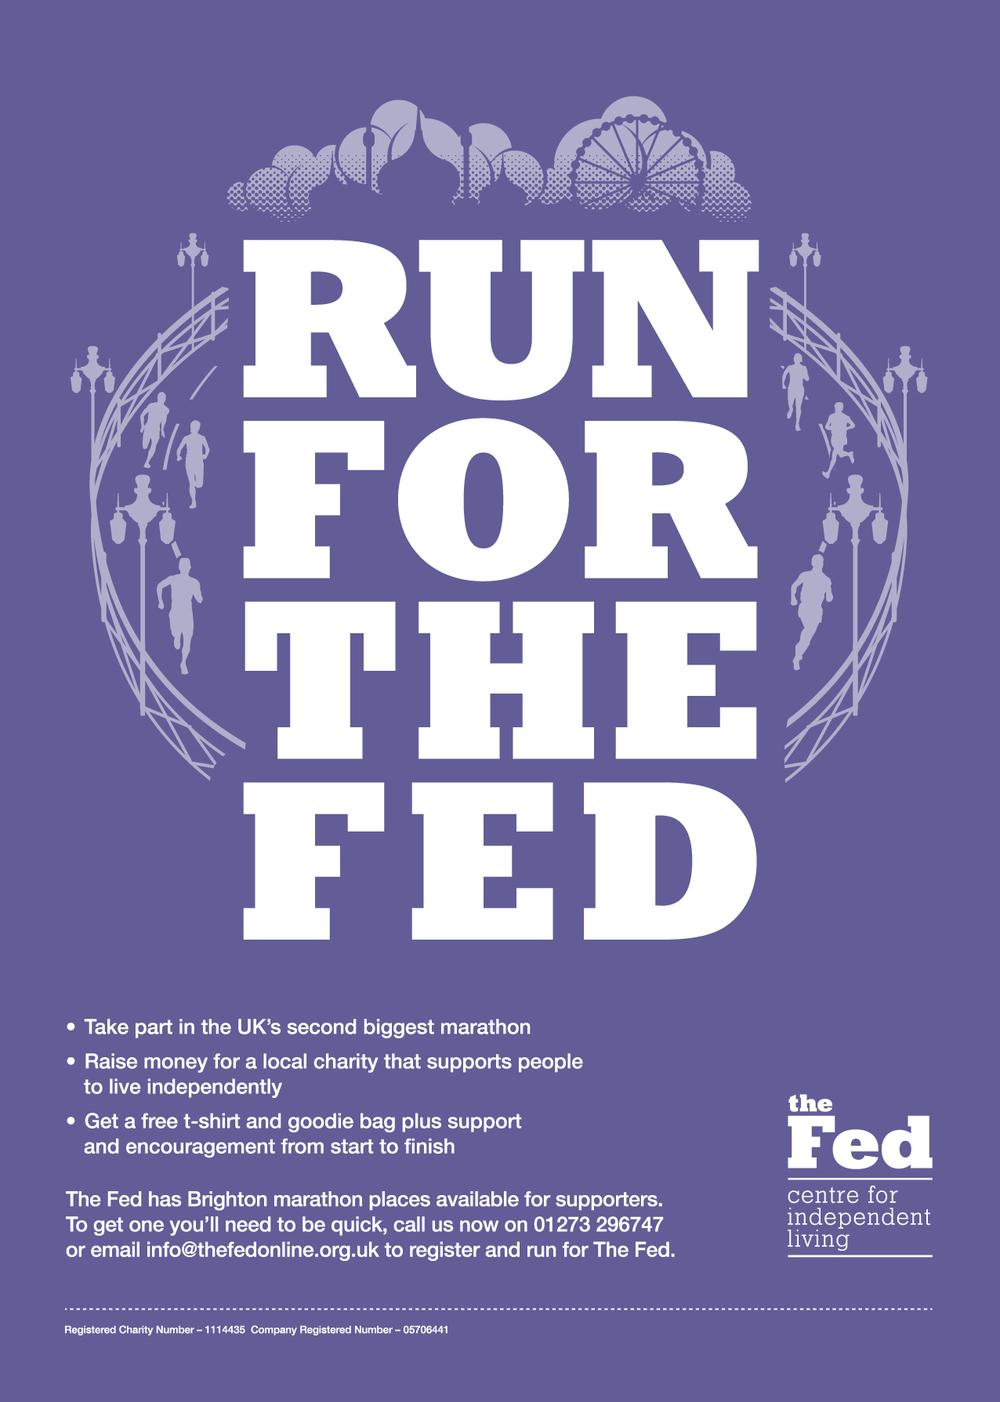 Fed_Marathon_A4-04.jpg